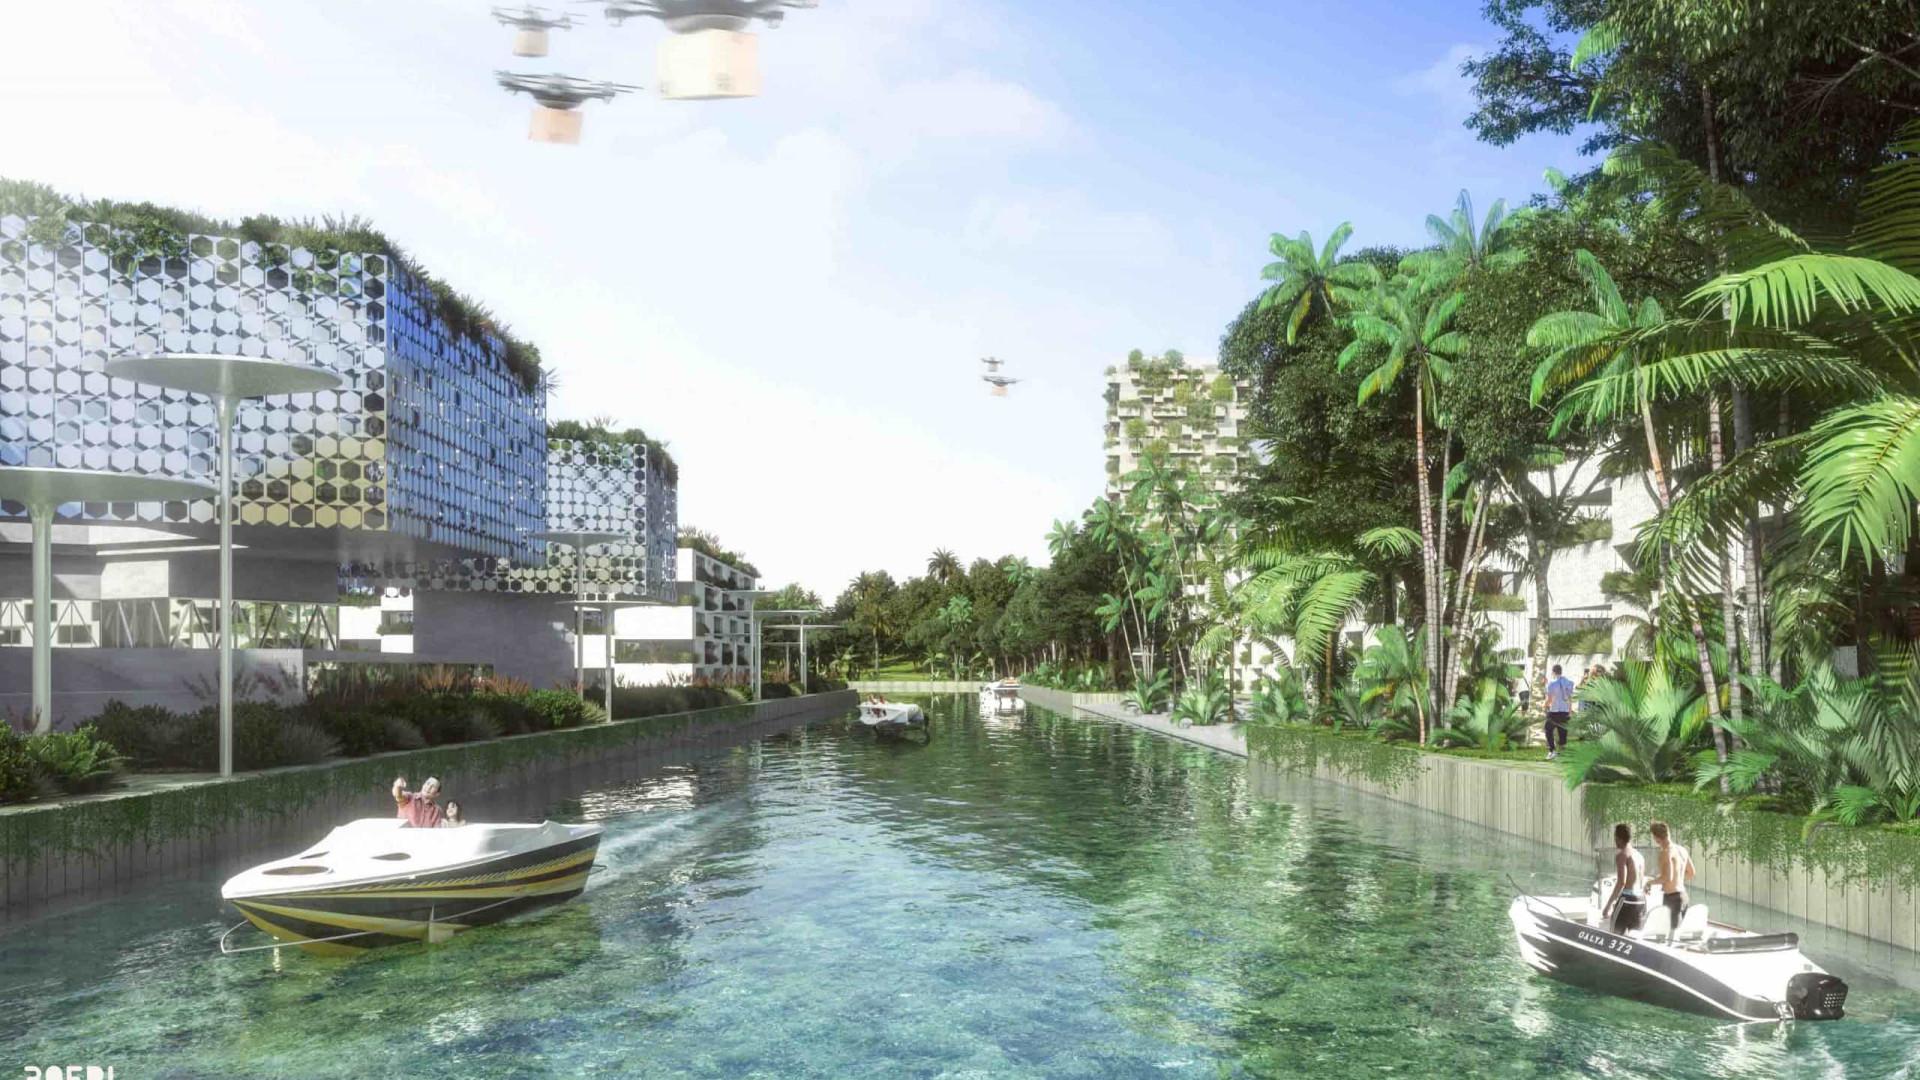 Projeto da cidade do futuro revela harmonia com a natureza envolvente